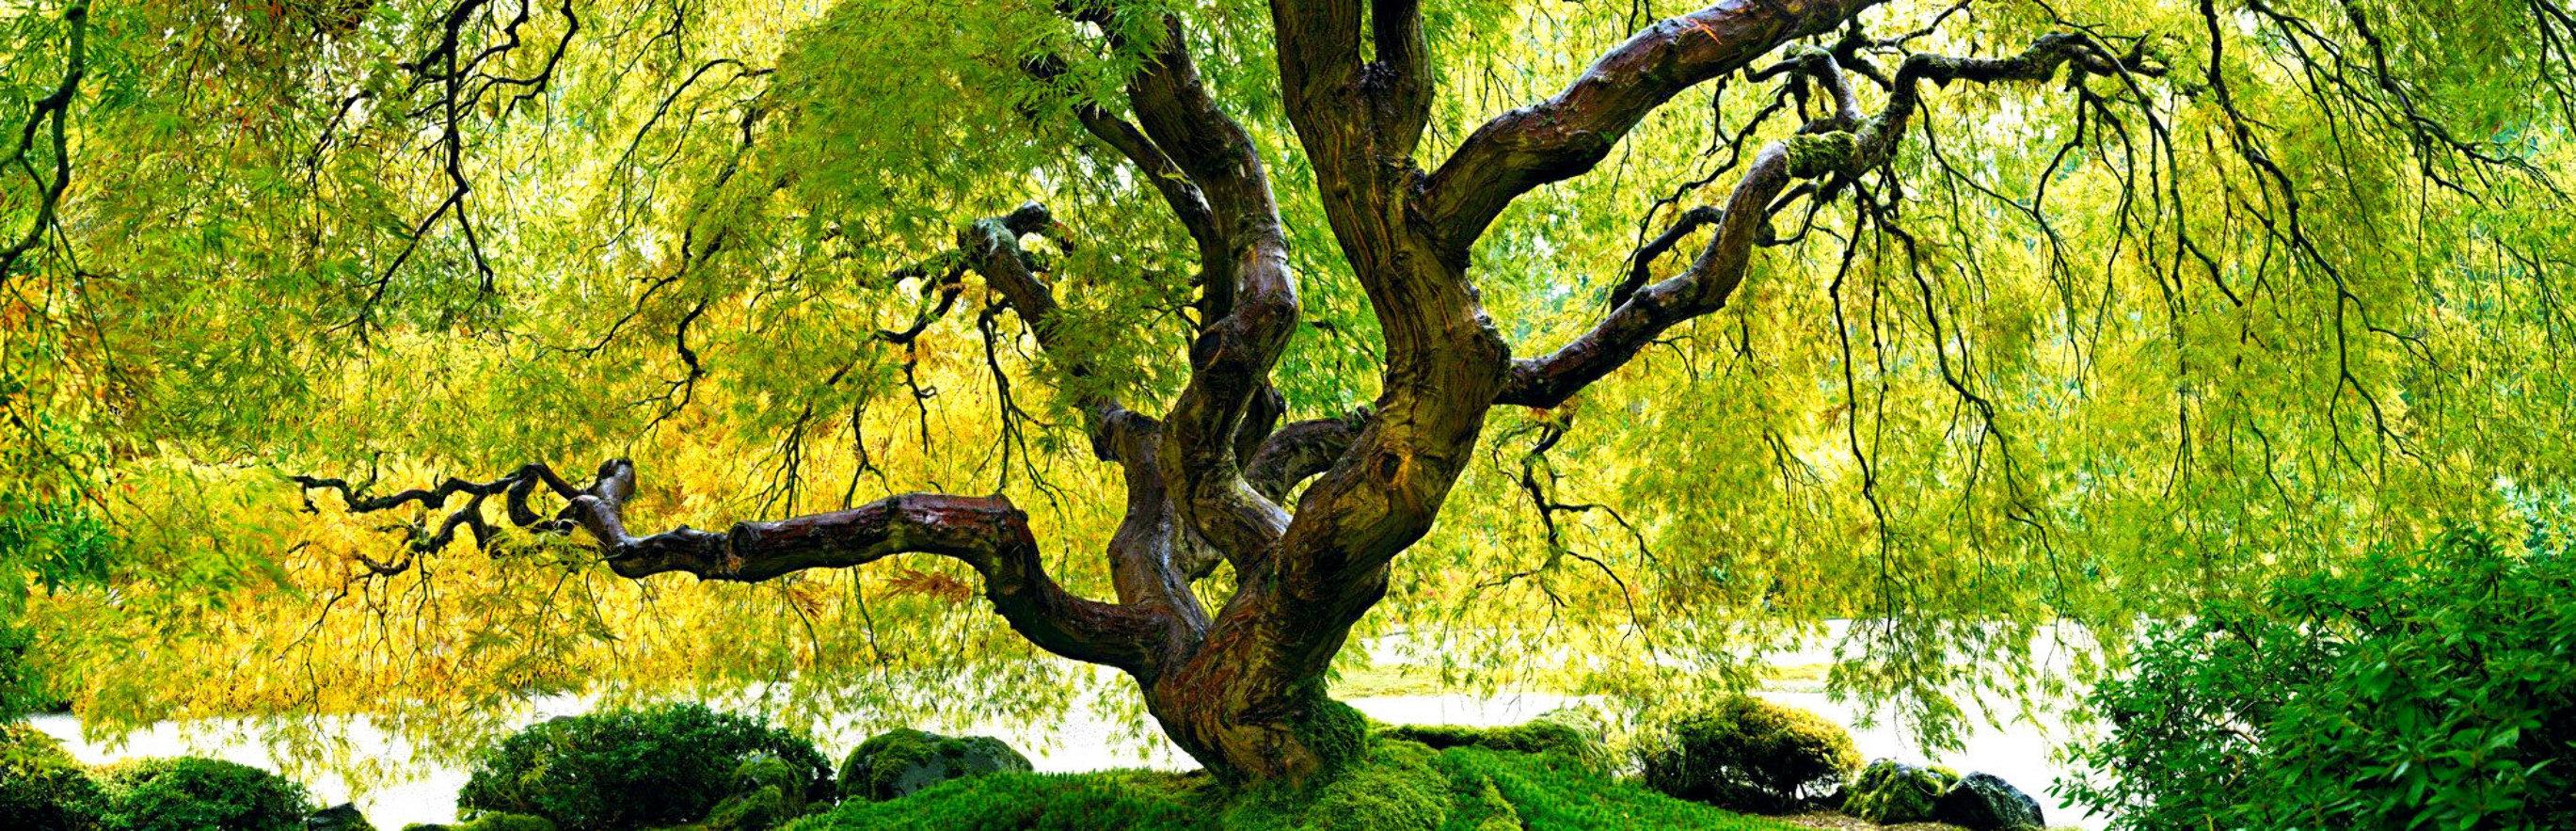 Tree of Serenity 2M Huge  Panorama by Peter Lik